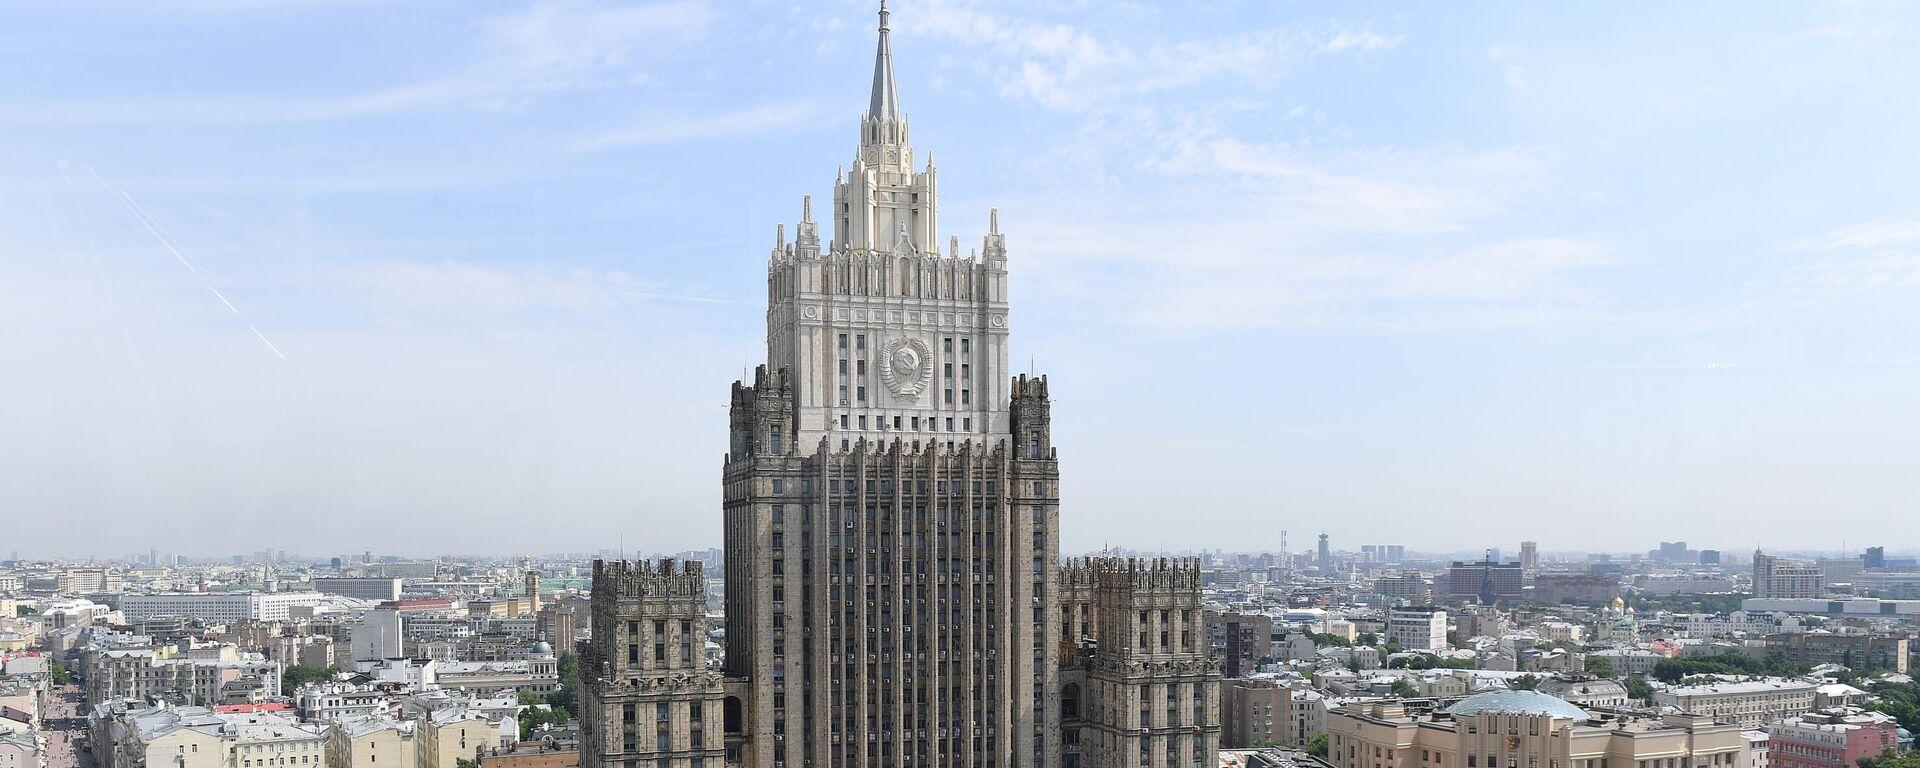 Außenministerium Russlands (Archivfoto) - SNA, 1920, 16.04.2021